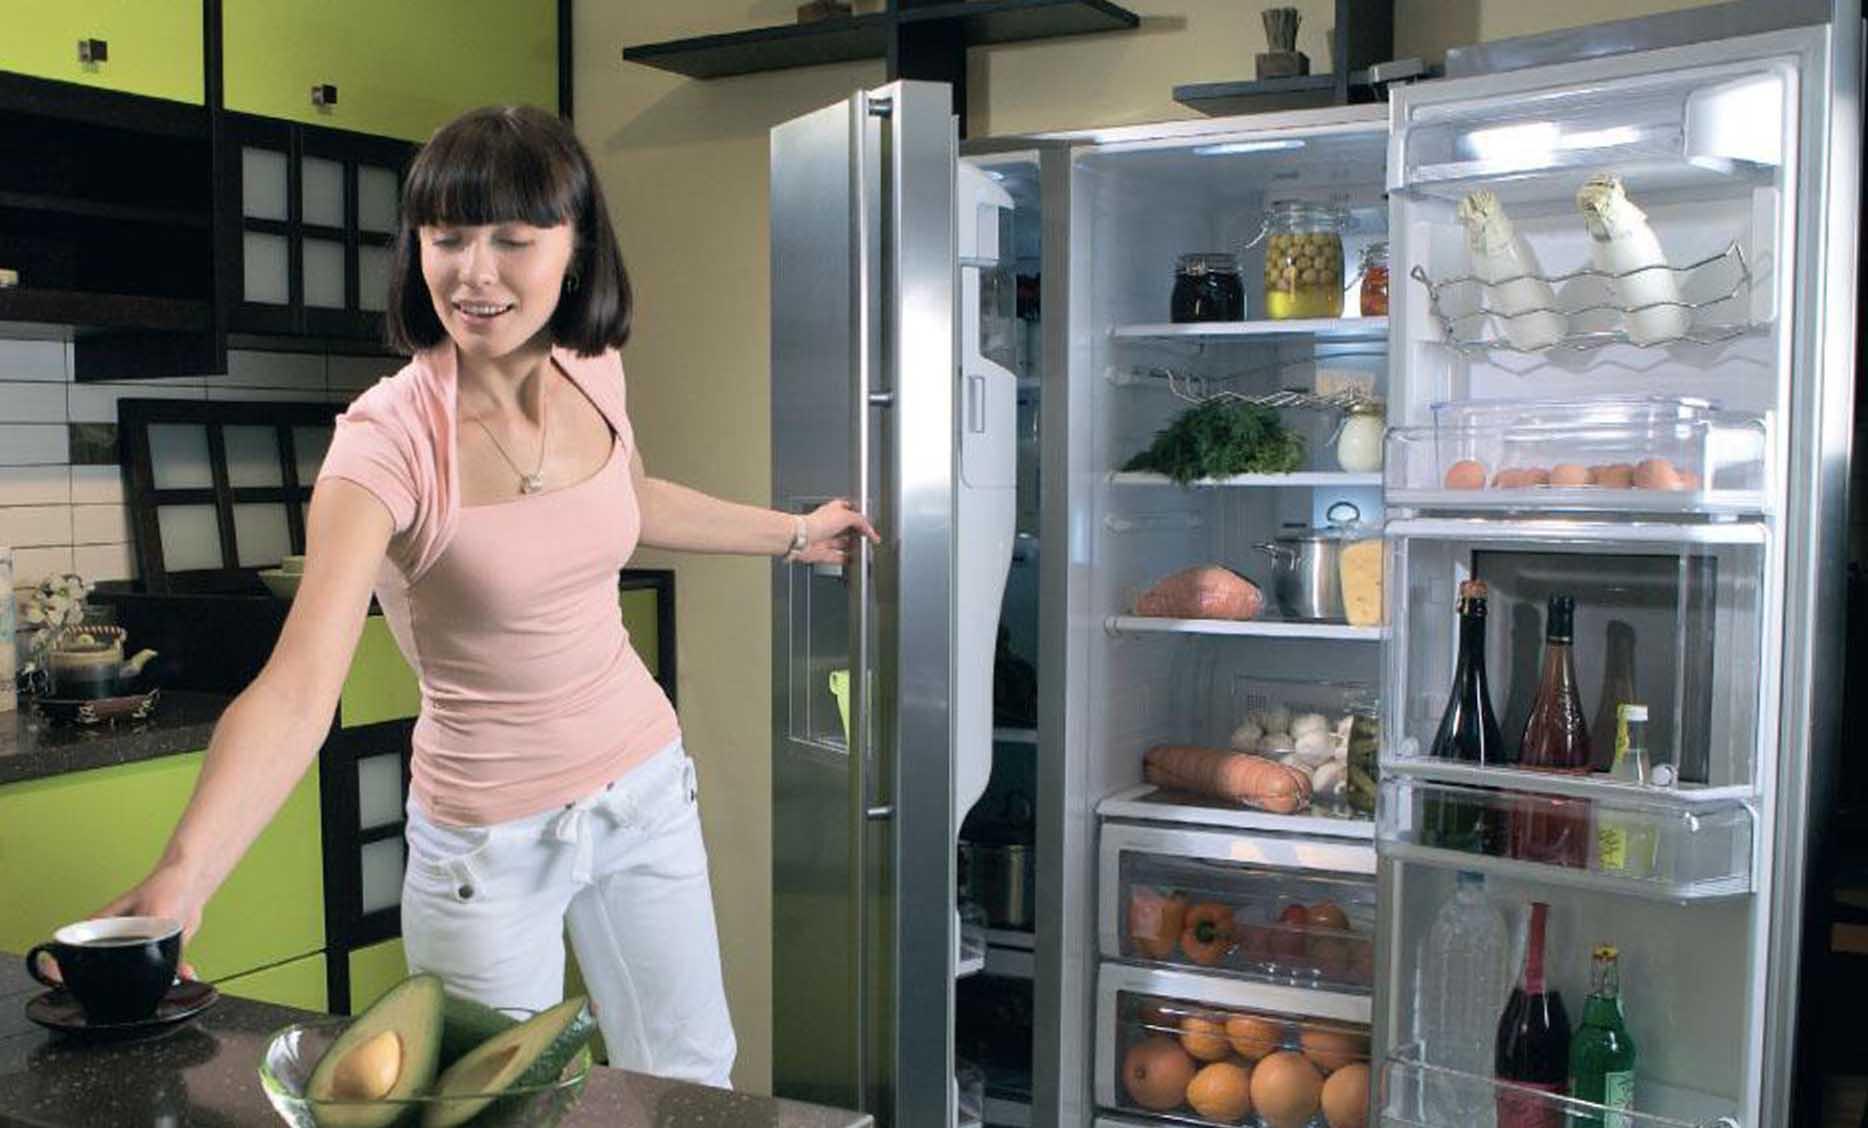 холодильник работает громко